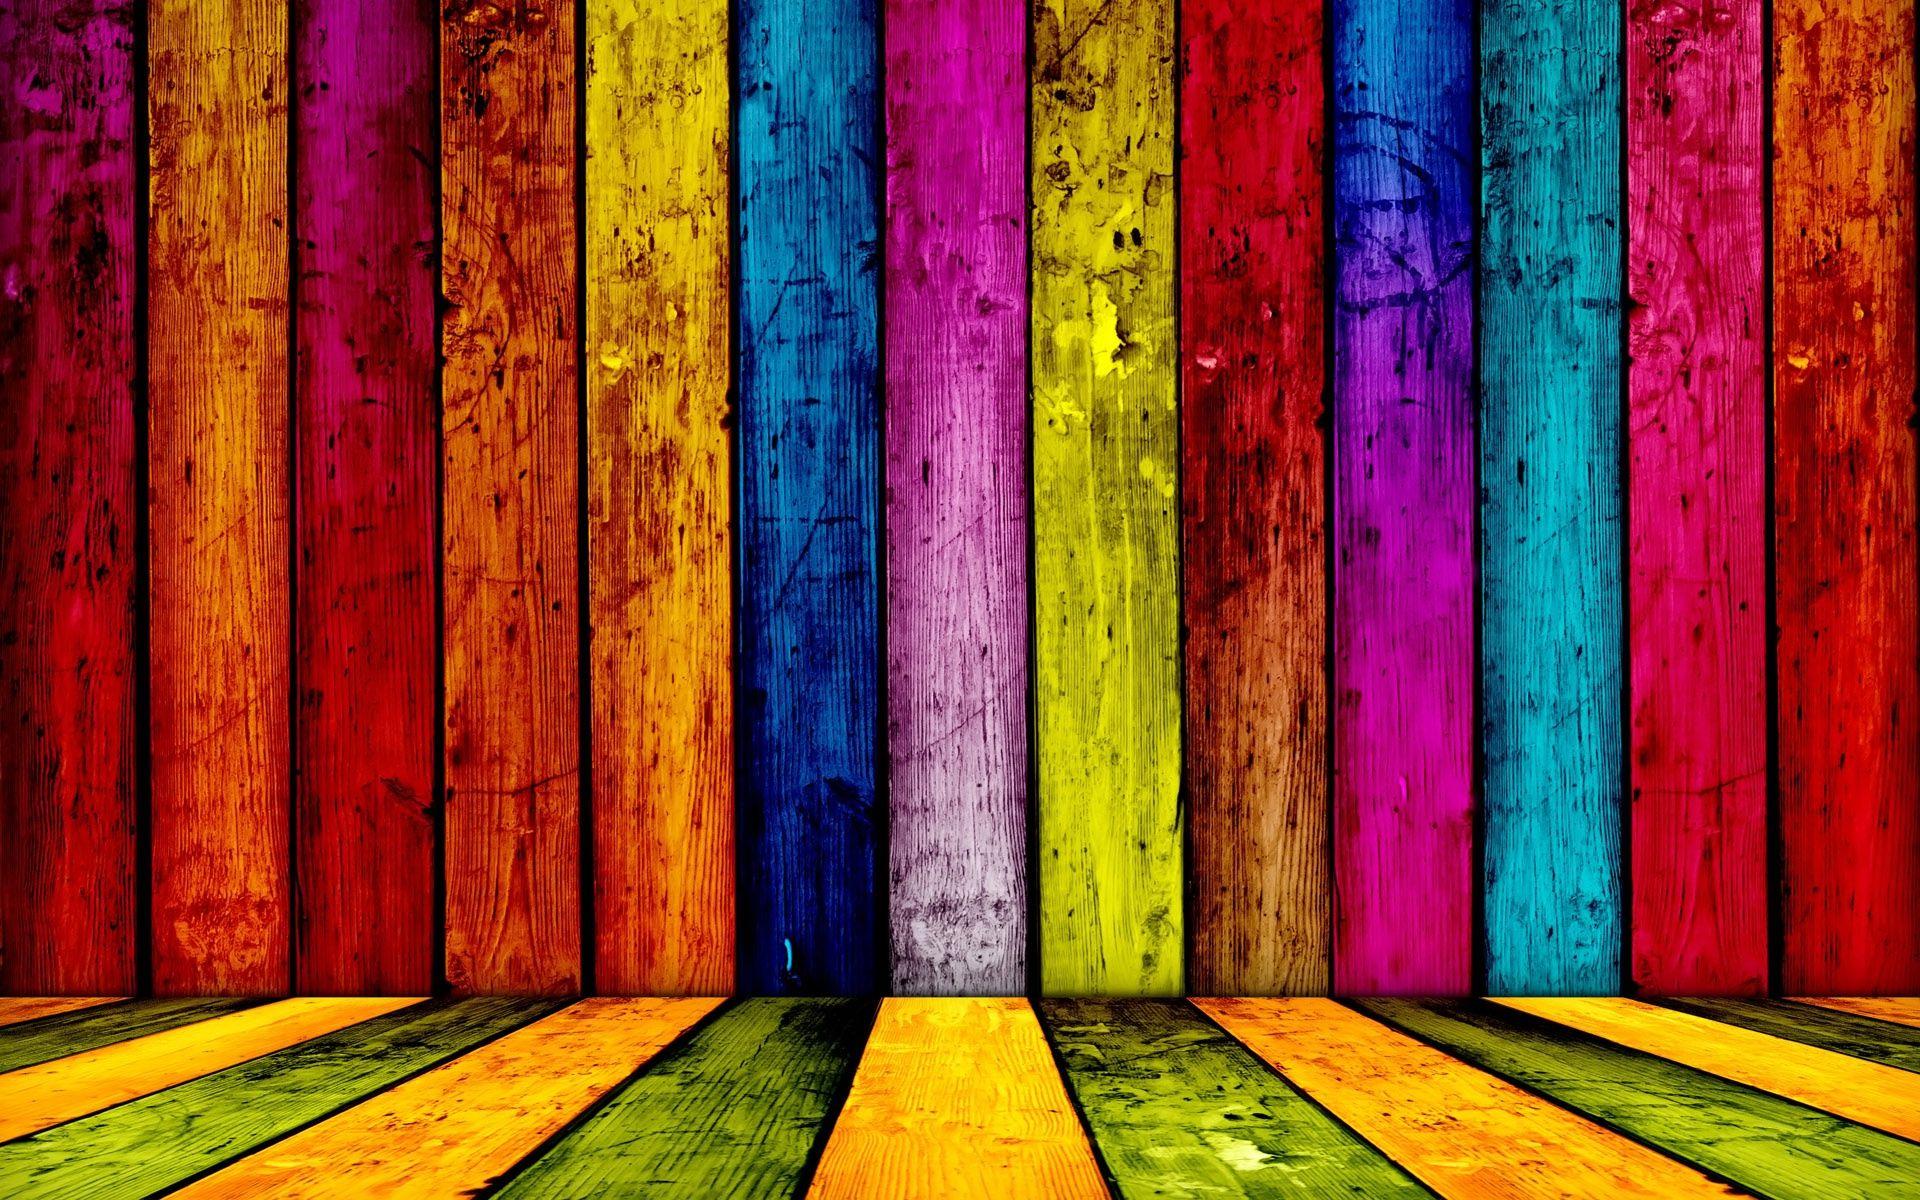 نقاشی ساختمان, کاغذ دیواری, قابلیت شستشو, رنگ آمیزی | %da%a9%d8%a7%d8%ba%d8%b0-%d8%af%db%8c%d9%88%d8%a7%d8%b1%db%8c, %d8%ae%d8%af%d9%85%d8%a7%d8%aa-%da%a9%d8%a7%d8%ba%d8%b0-%d8%af%db%8c%d9%88%d8%a7%d8%b1%db%8c, %d8%a7%d9%86%d8%aa%d8%ae%d8%a7%d8%a8-%da%a9%d8%a7%d8%ba%d8%b0-%d8%af%db%8c%d9%88%d8%a7%d8%b1%db%8c | کاغذ دیواری دکوروز